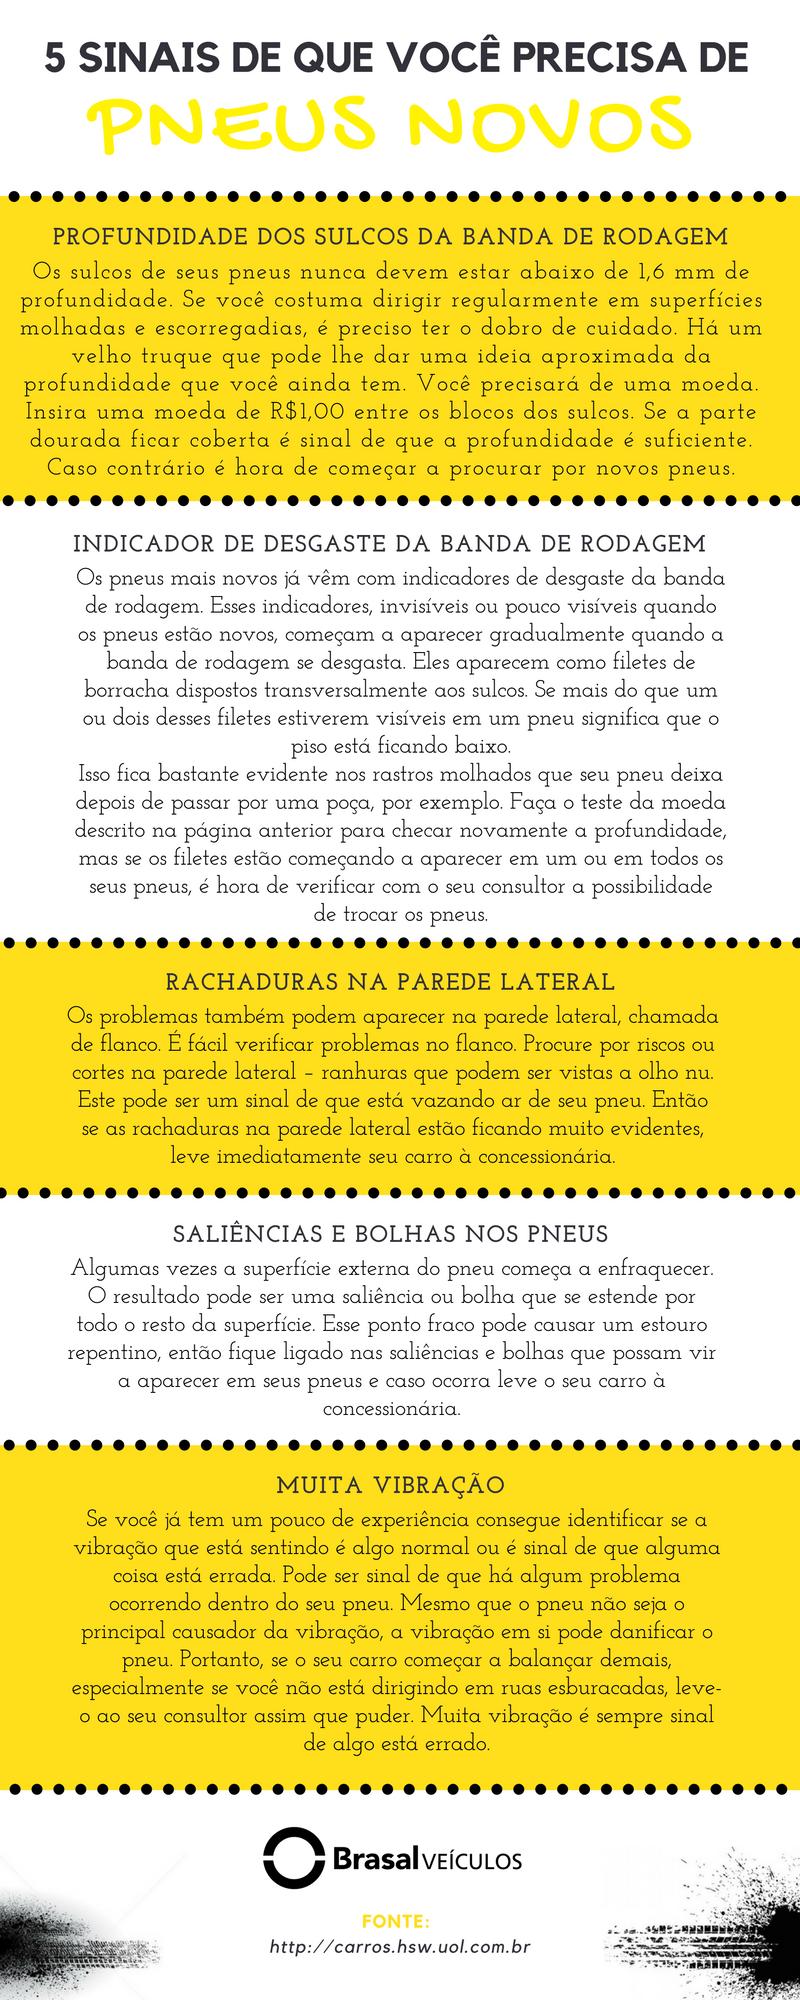 Profundidade_dos_sulcos_da_banda_de_rodagem_(1) (1)